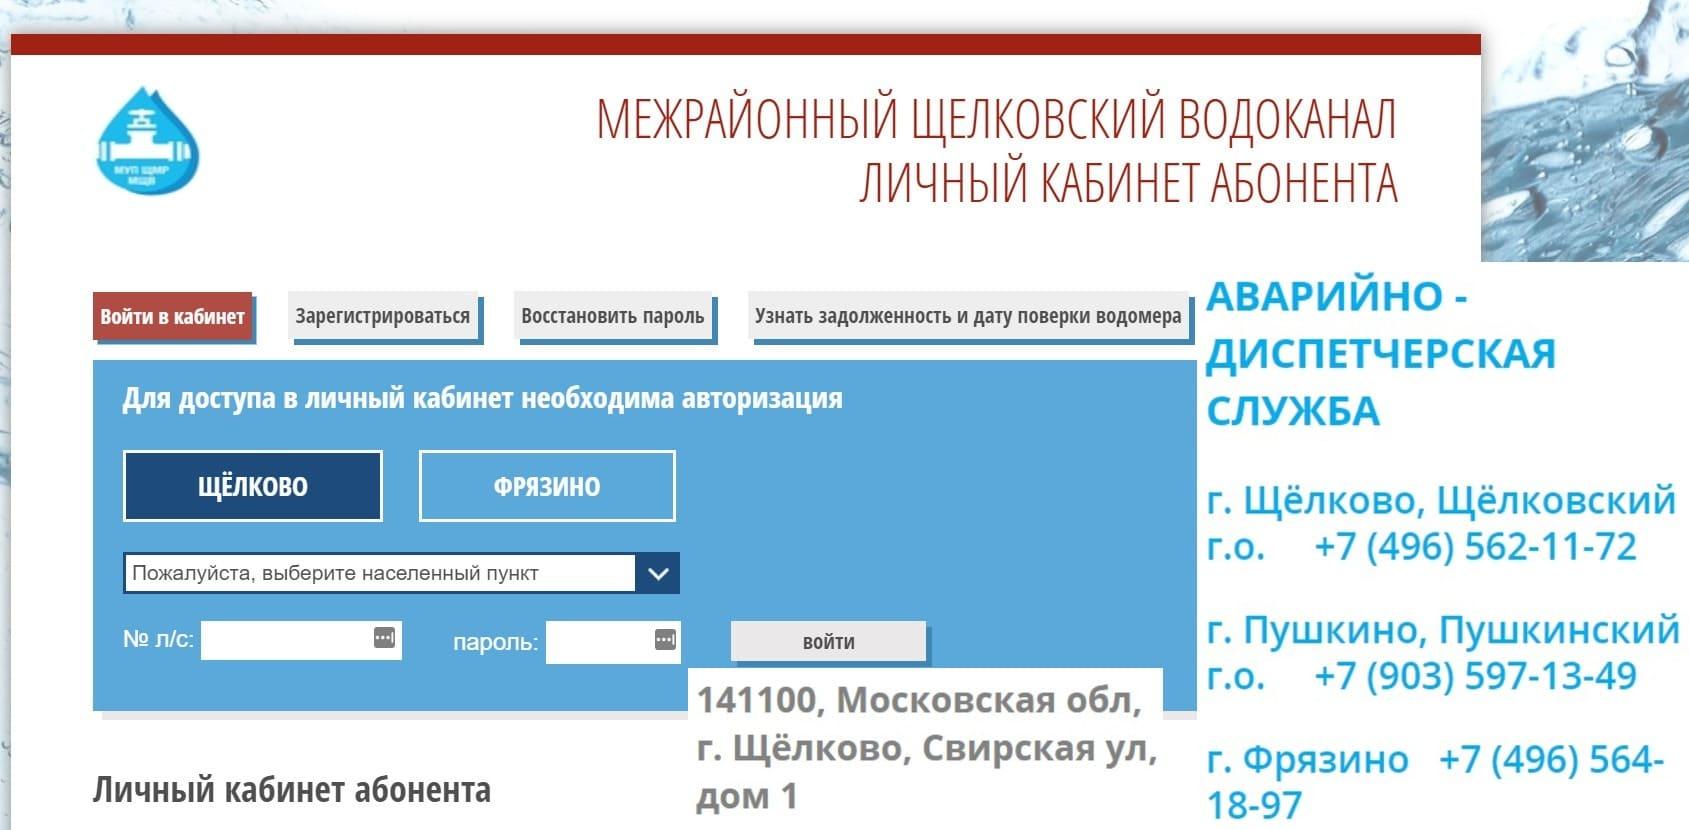 Водоканал Щелково личный кабинет